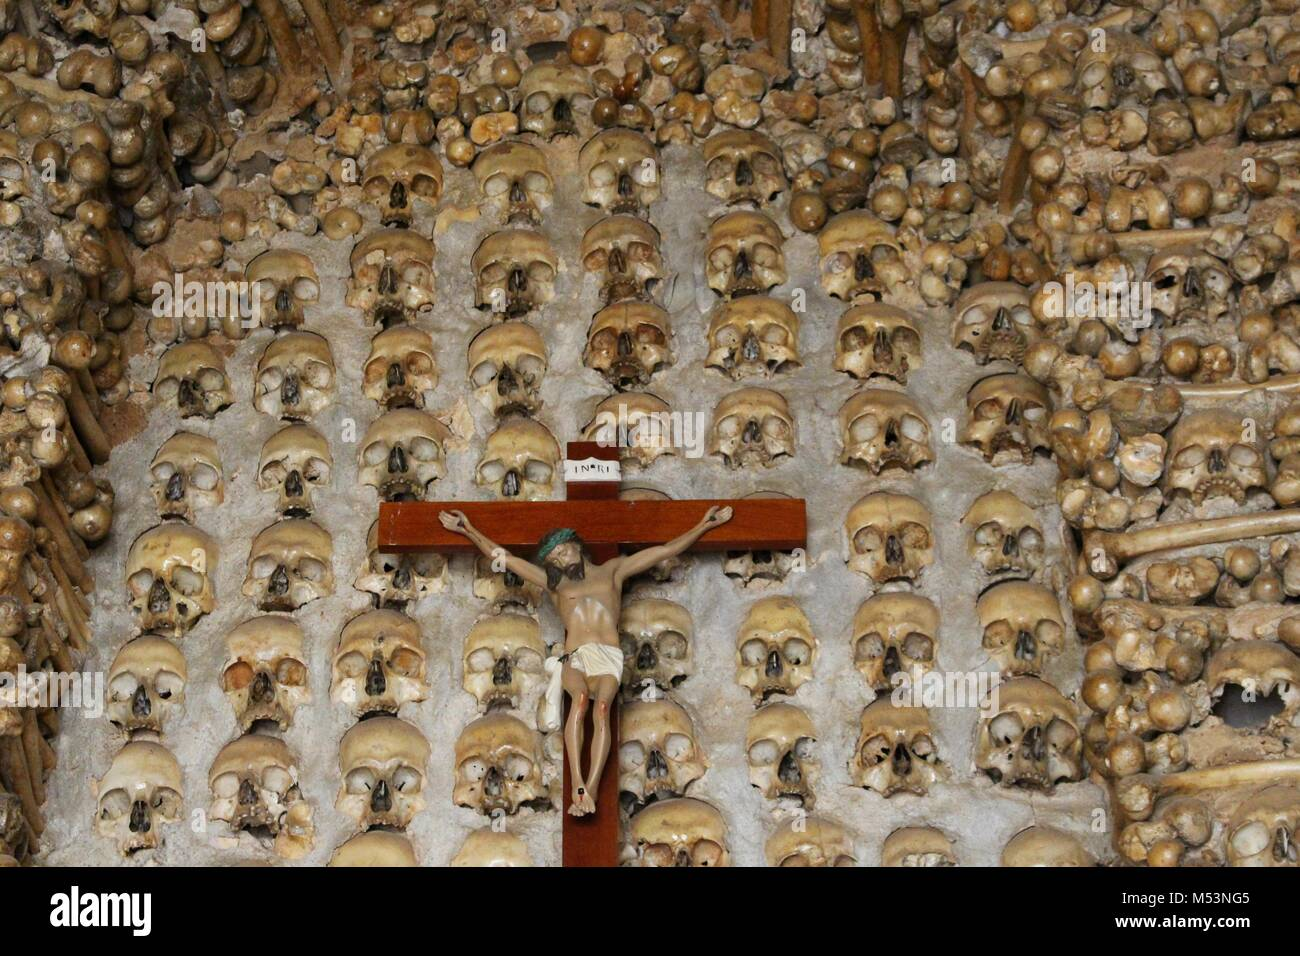 Capilla de cráneos y huesos humanos reales Foto & Imagen De Stock ...